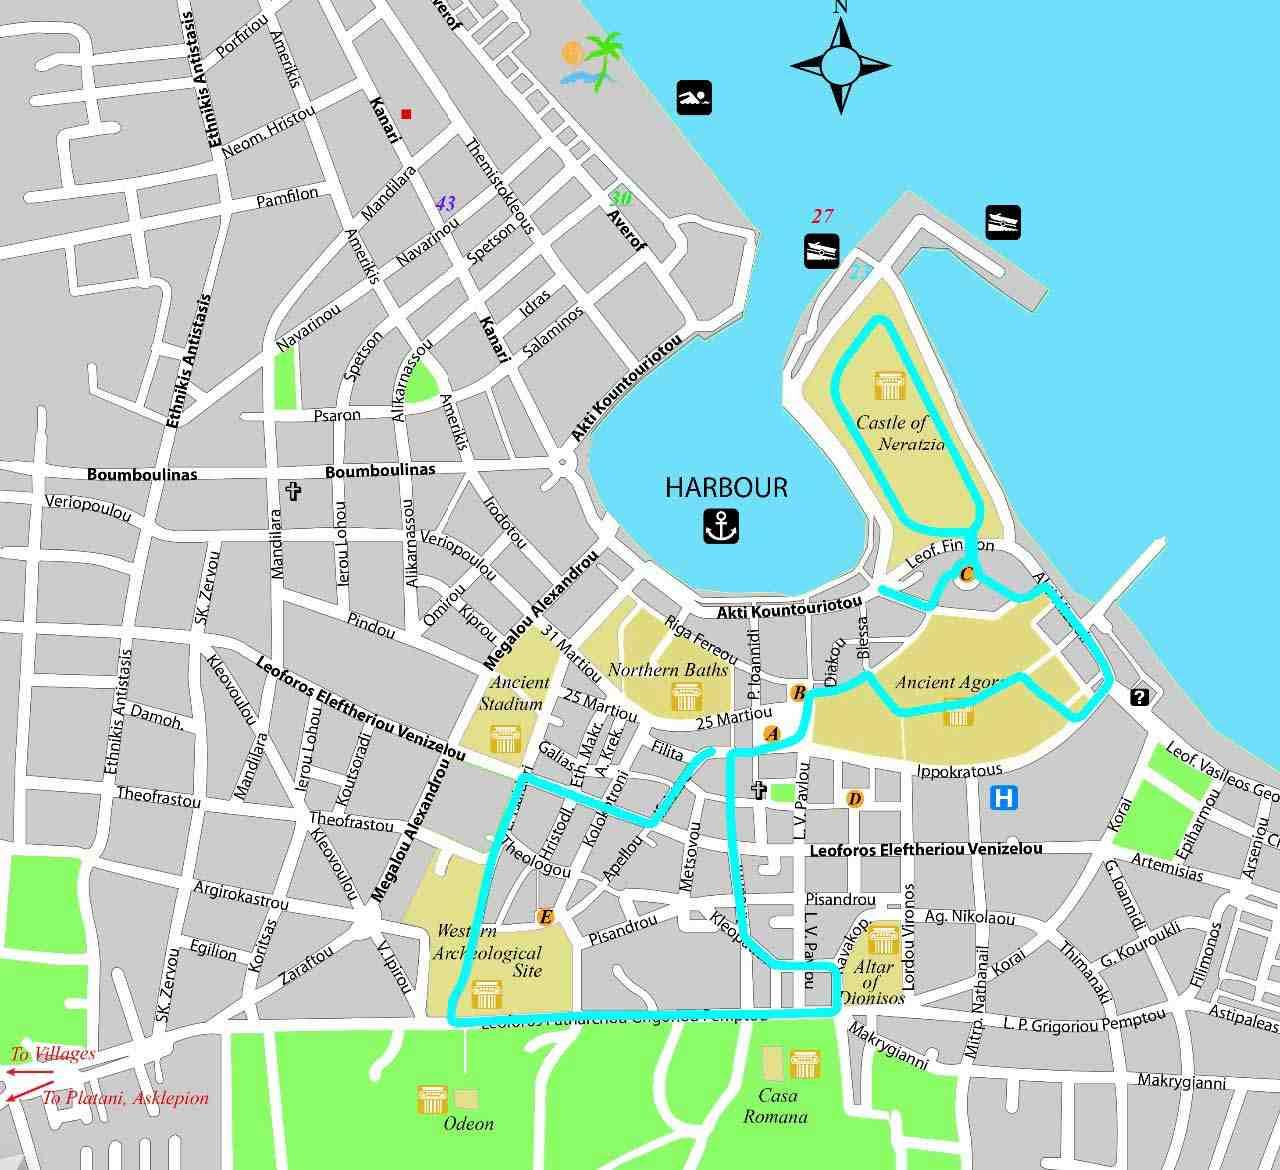 kos yürüyüş haritası